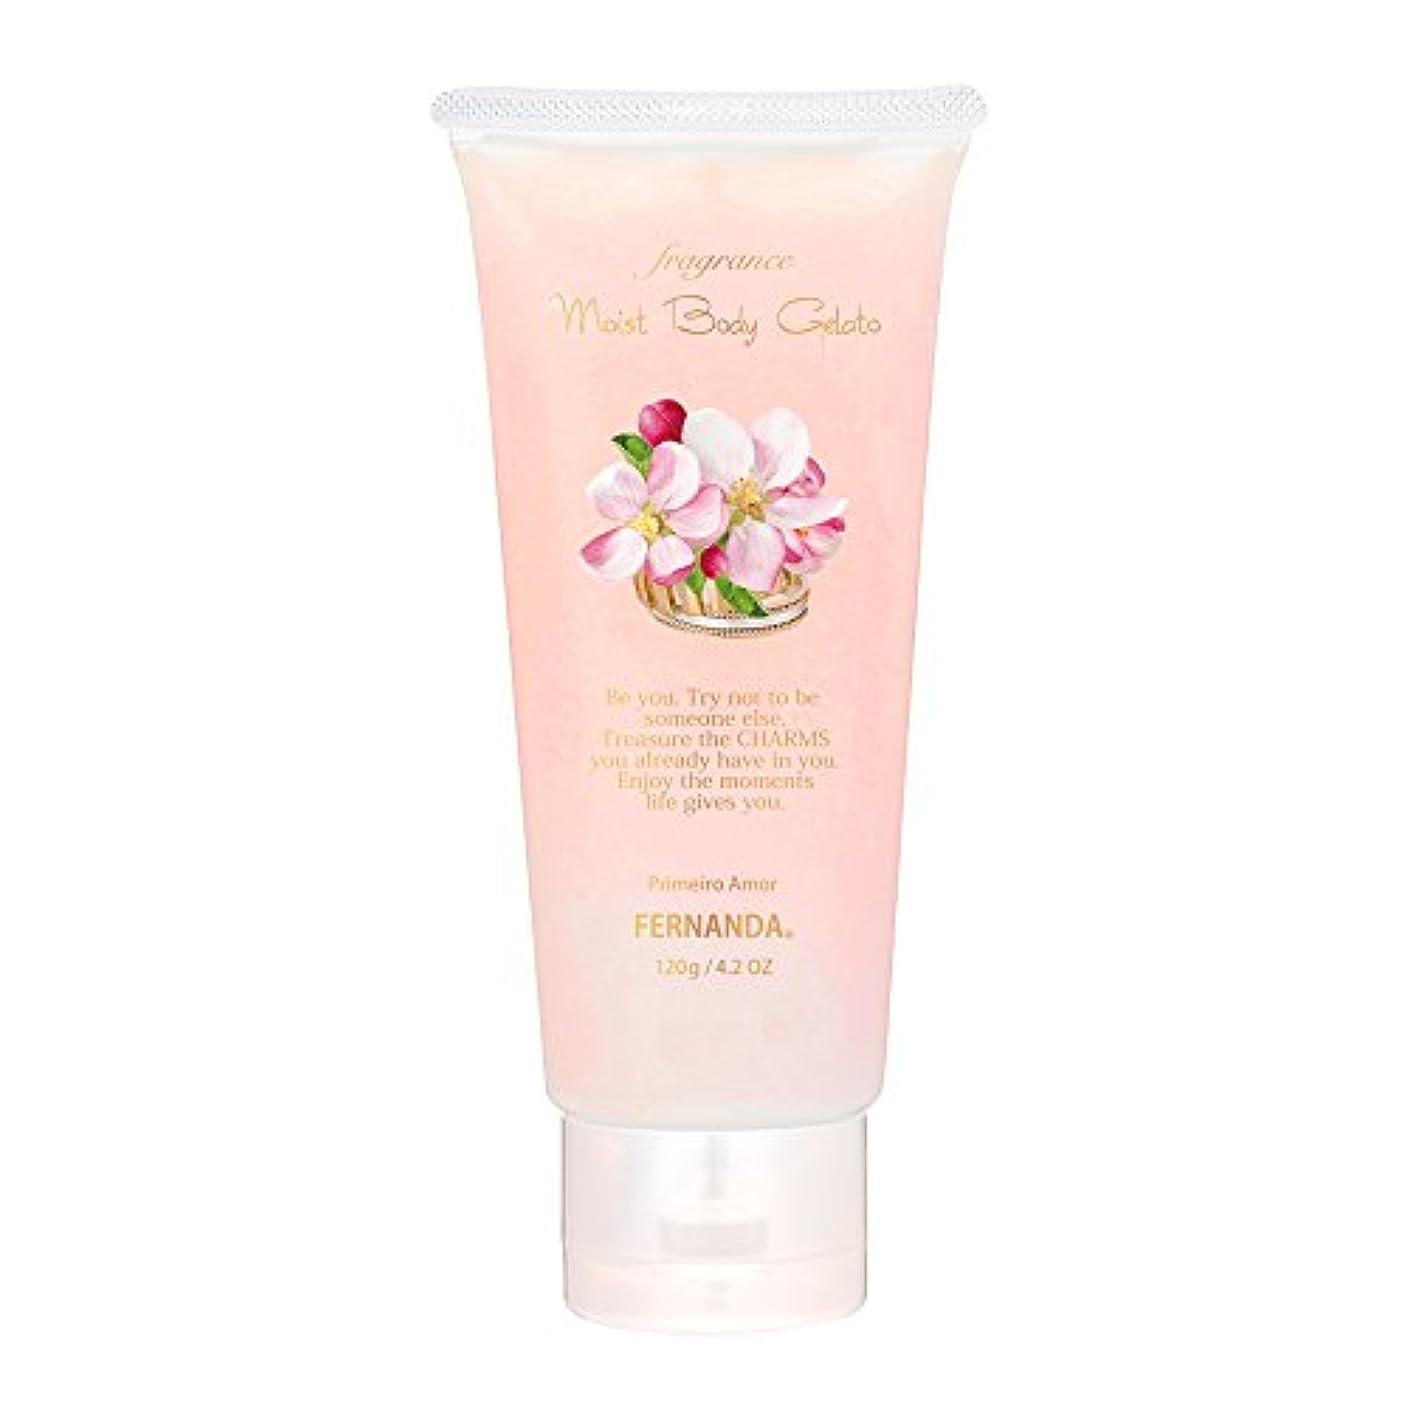 ヘビーこのすずめFERNANDA(フェルナンダ) Fragrance Moist Body Gelato Primeiro Amor (モイストボディジェラート プリメイロアモール)